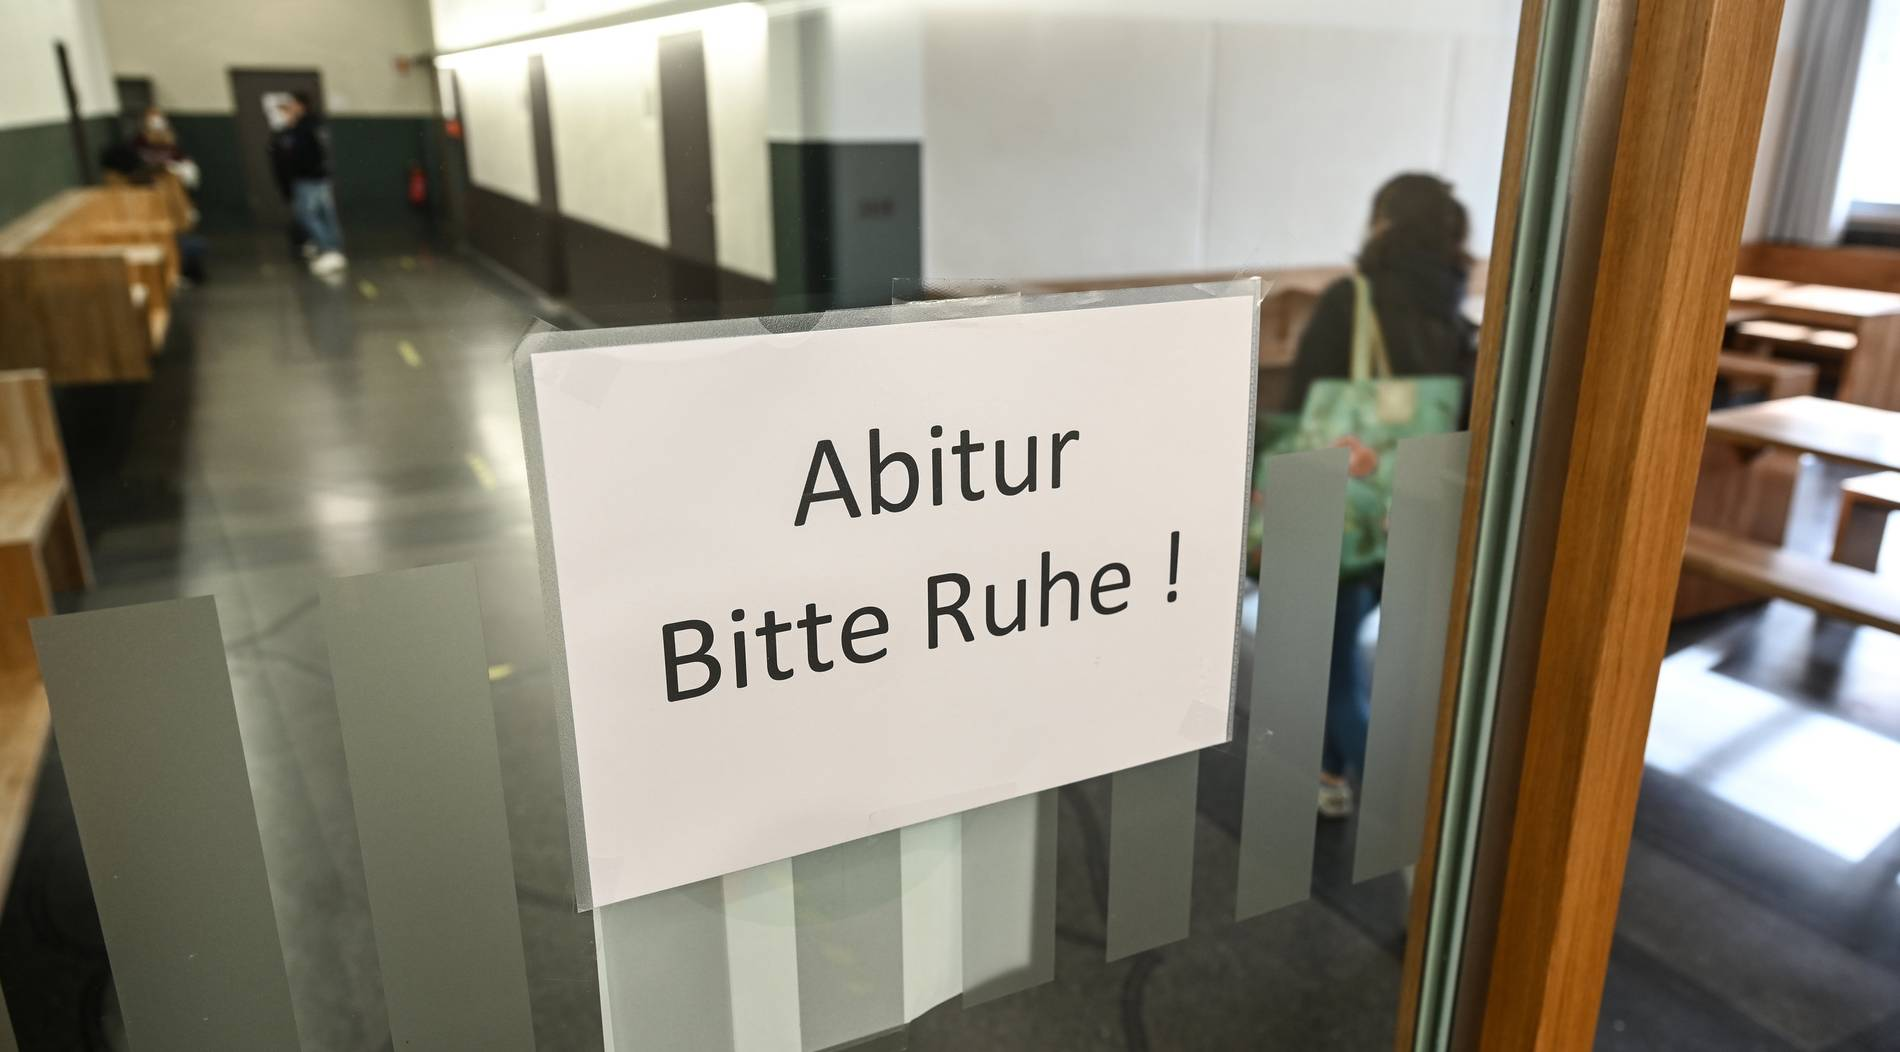 Mathe Abitur 21 Schüler aus NRW starten Petitionen wegen ...